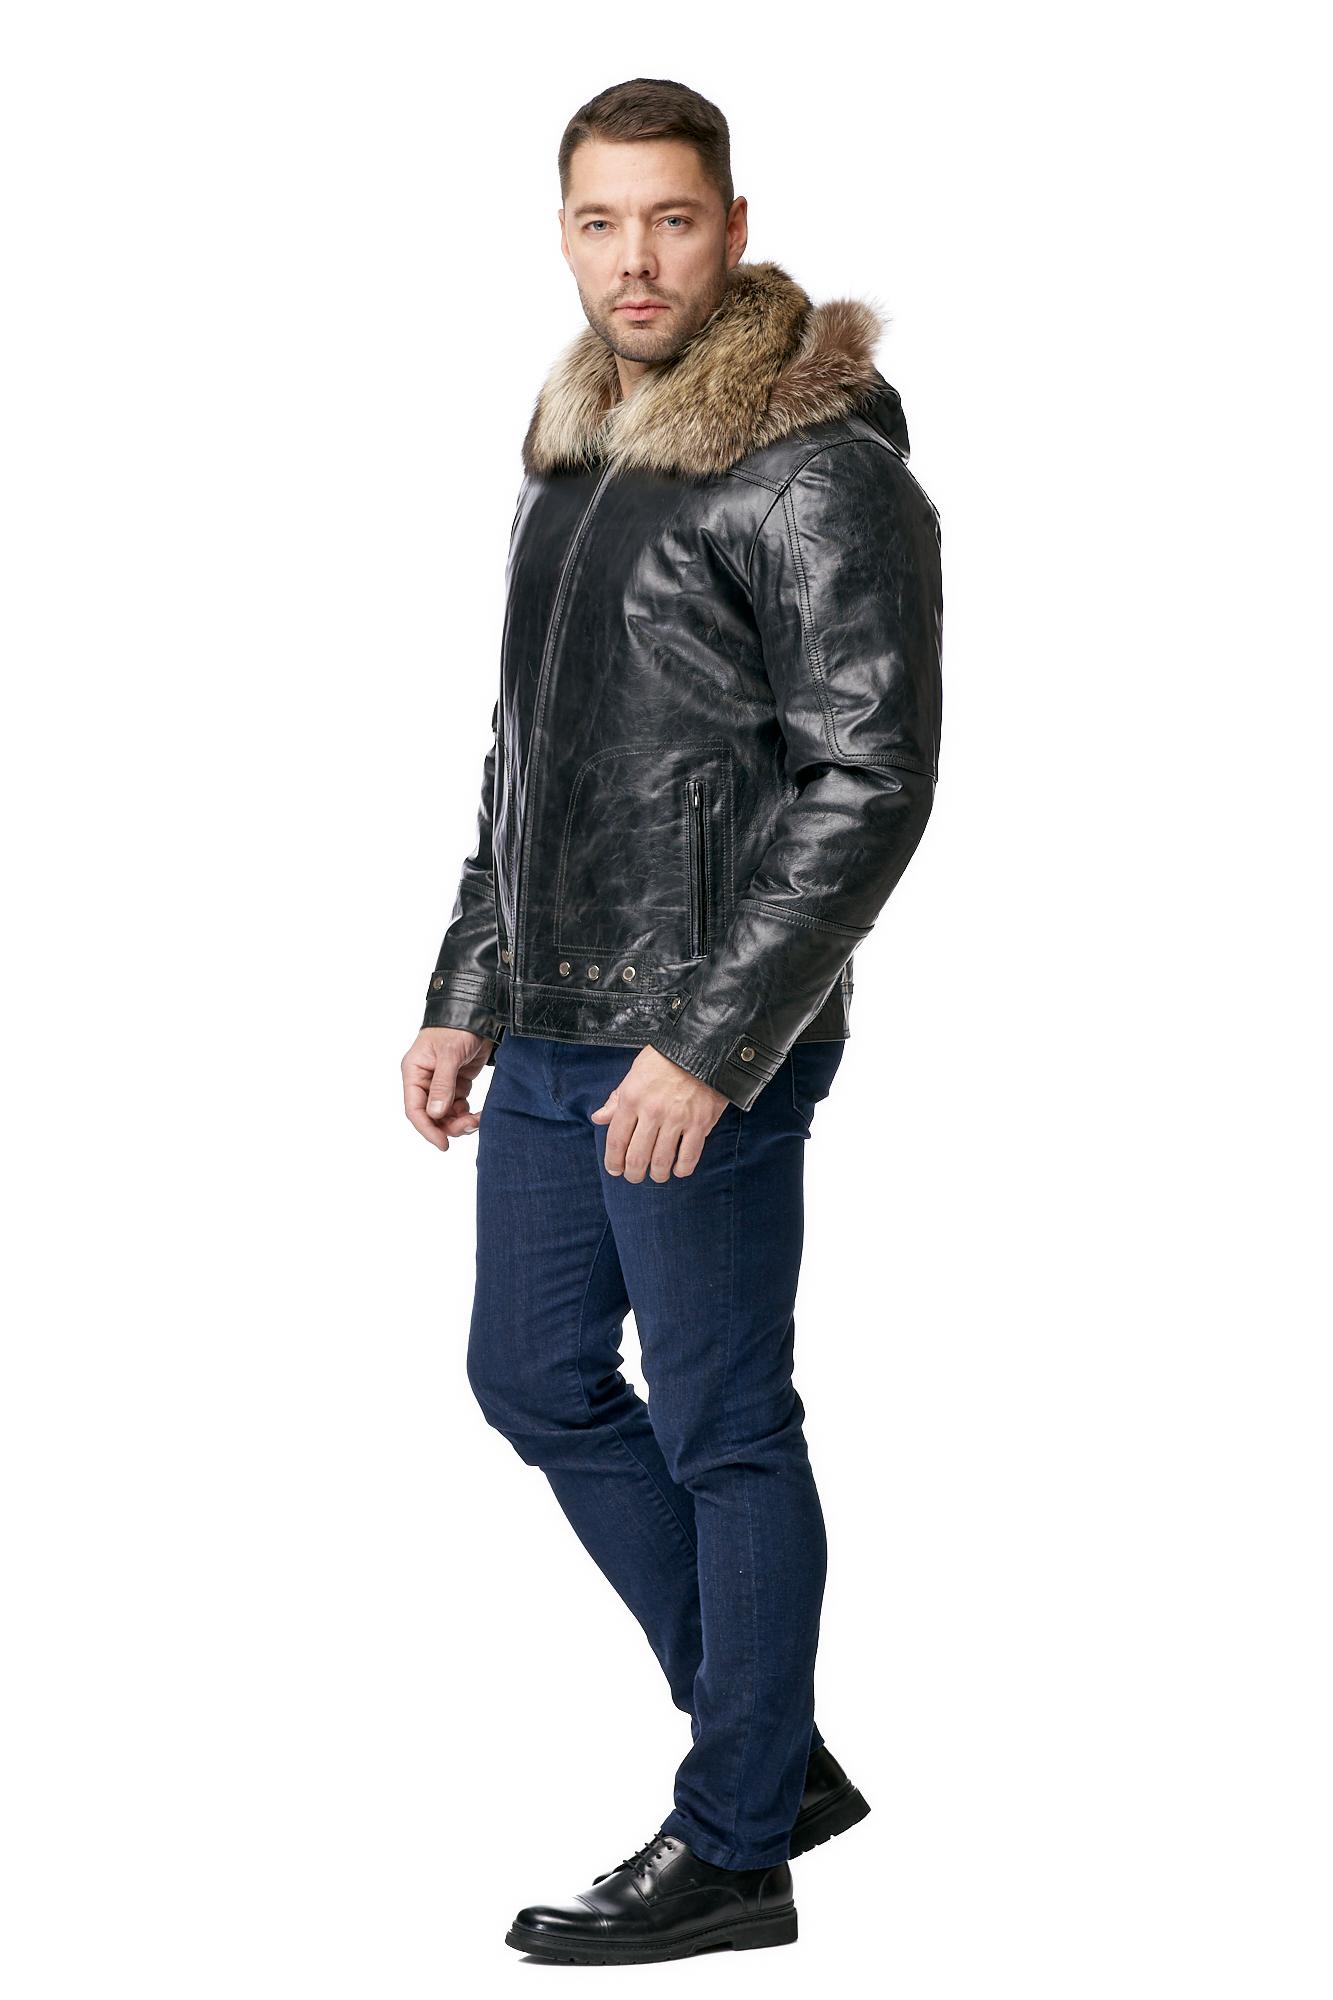 Мужская кожаная куртка из натуральной кожи на меху с капюшоном, отделка енот